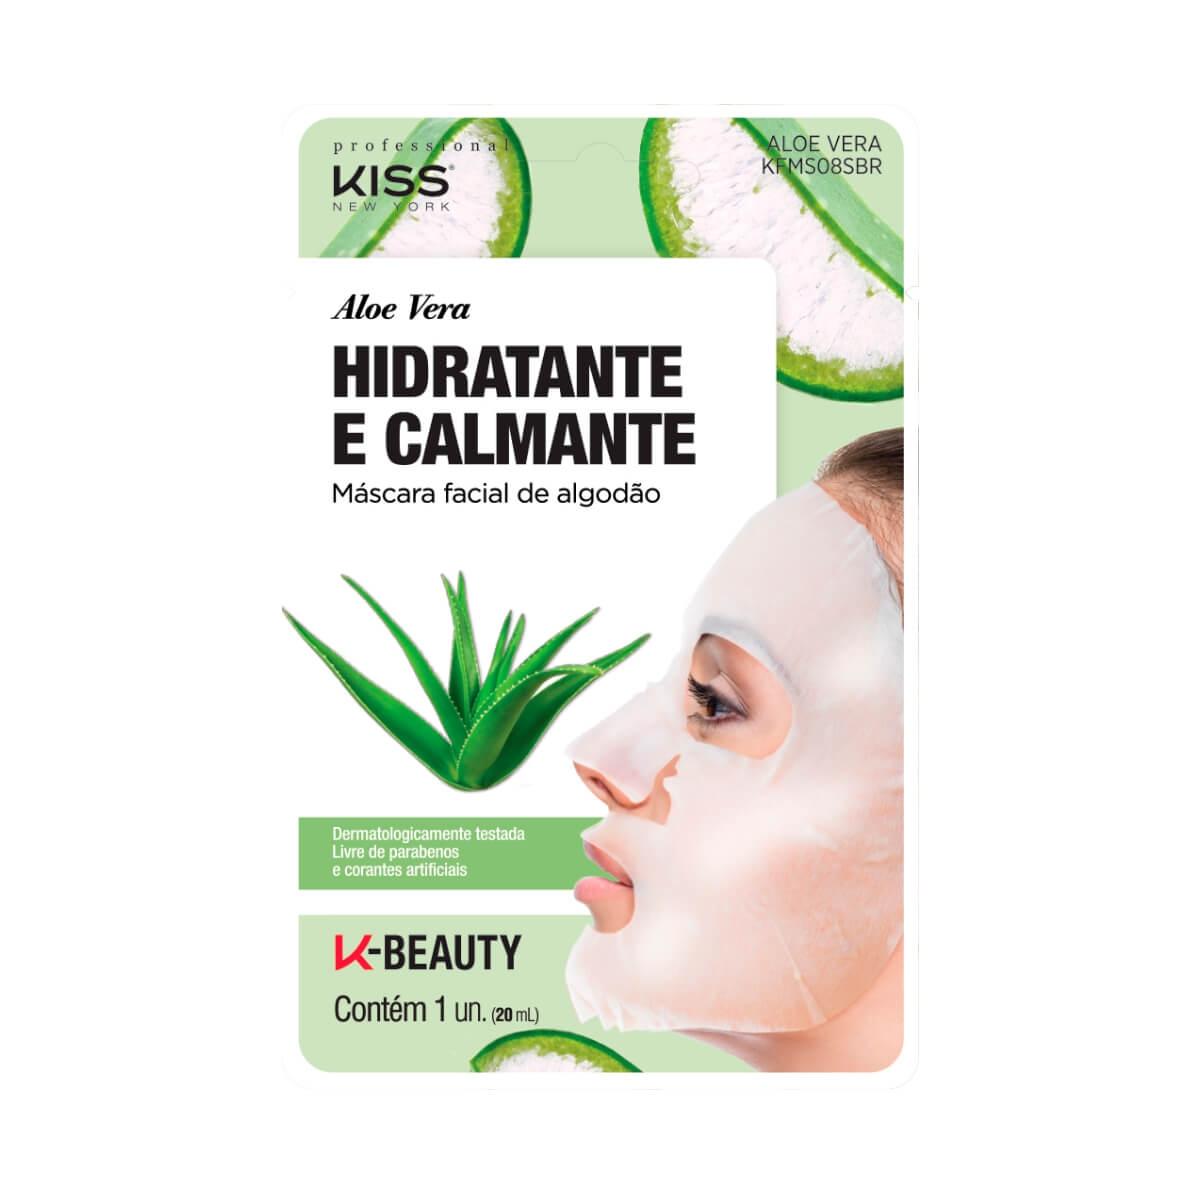 Máscara Facial de Algodão Kiss NY Aloe Vera Hidratante e Calmante 1 Unidade